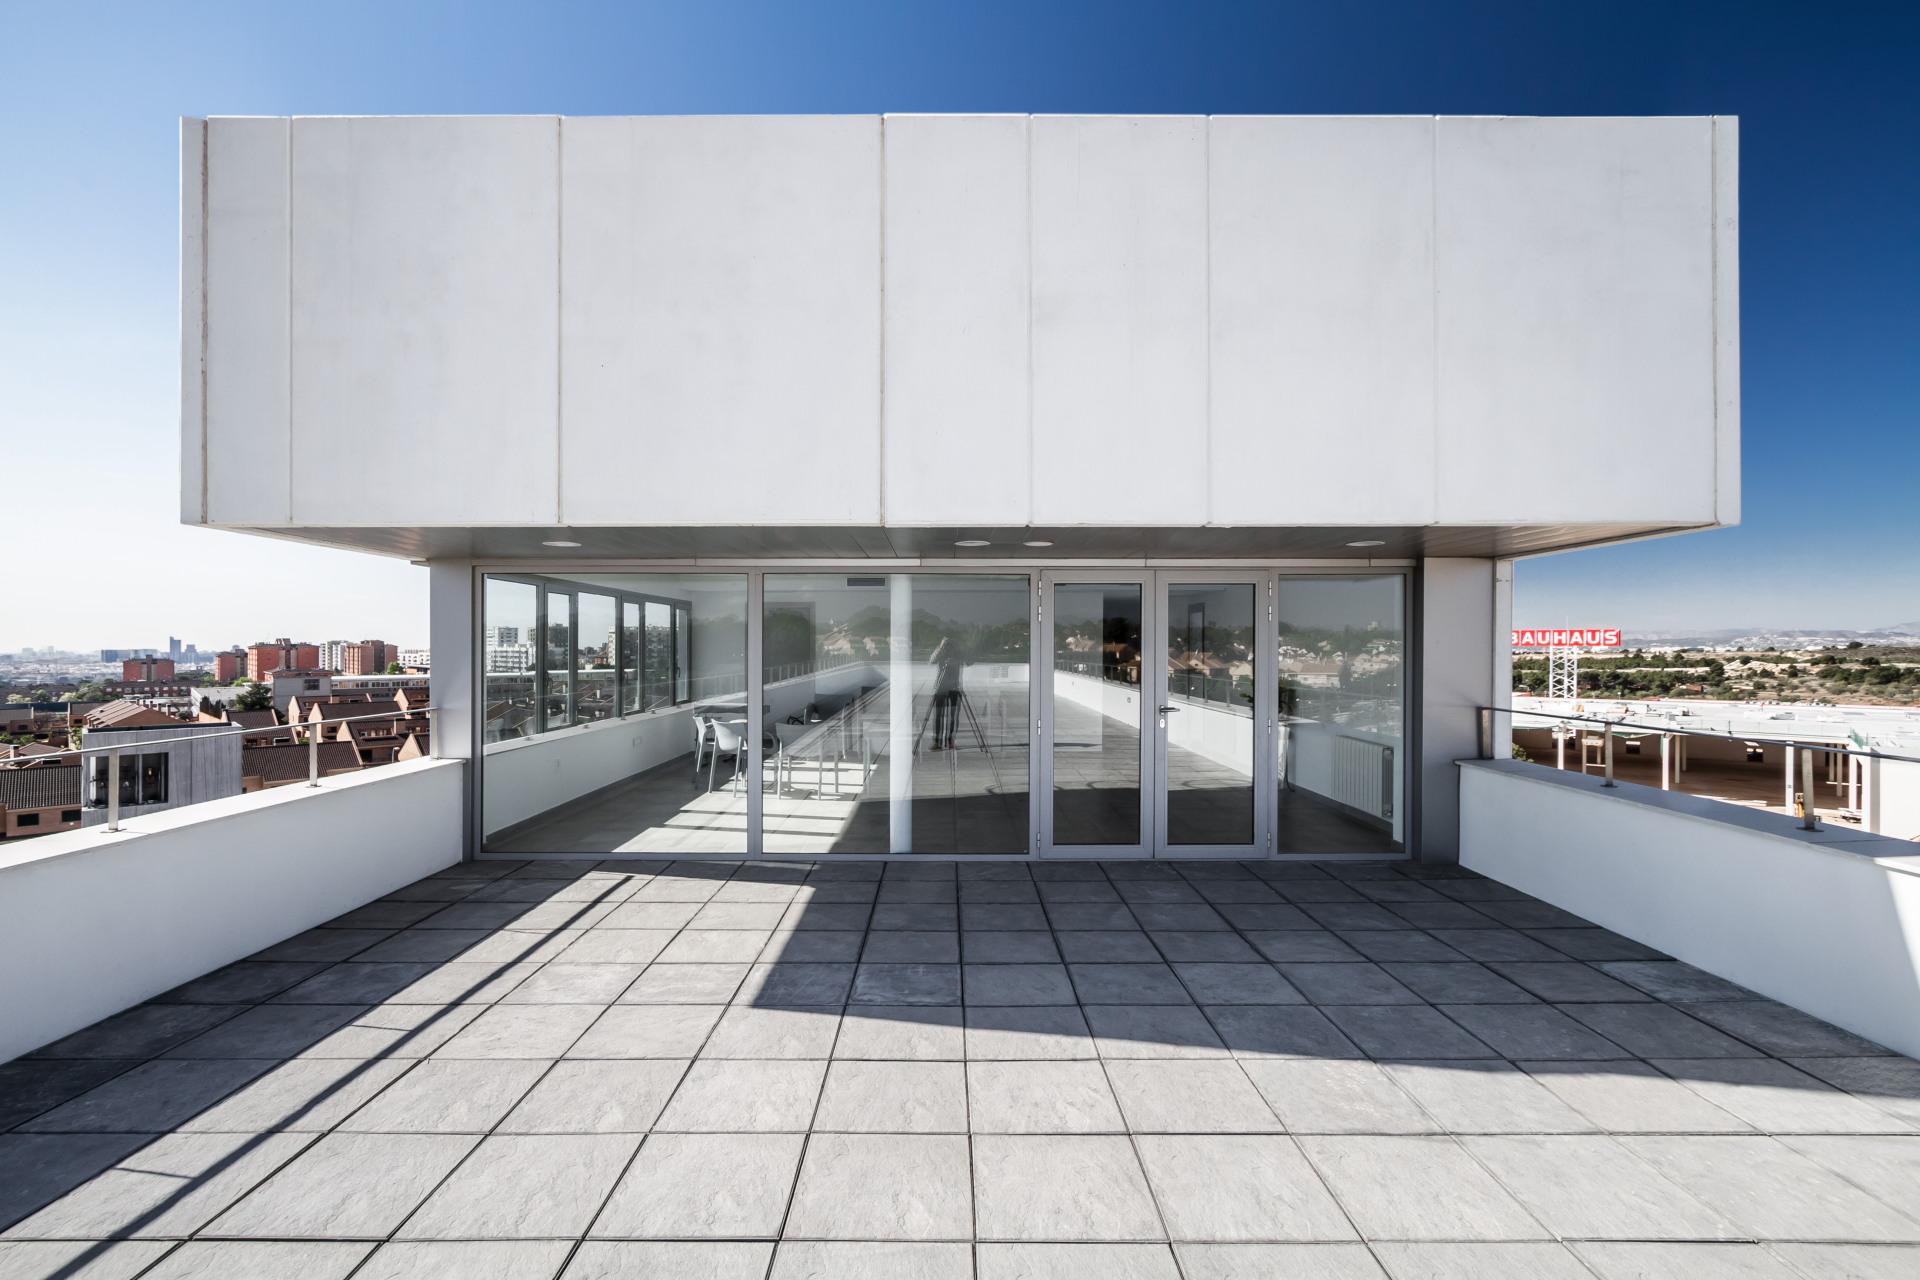 fotografia-arquitectura-valencia-german-cabo-hernandez-monasterio (41)